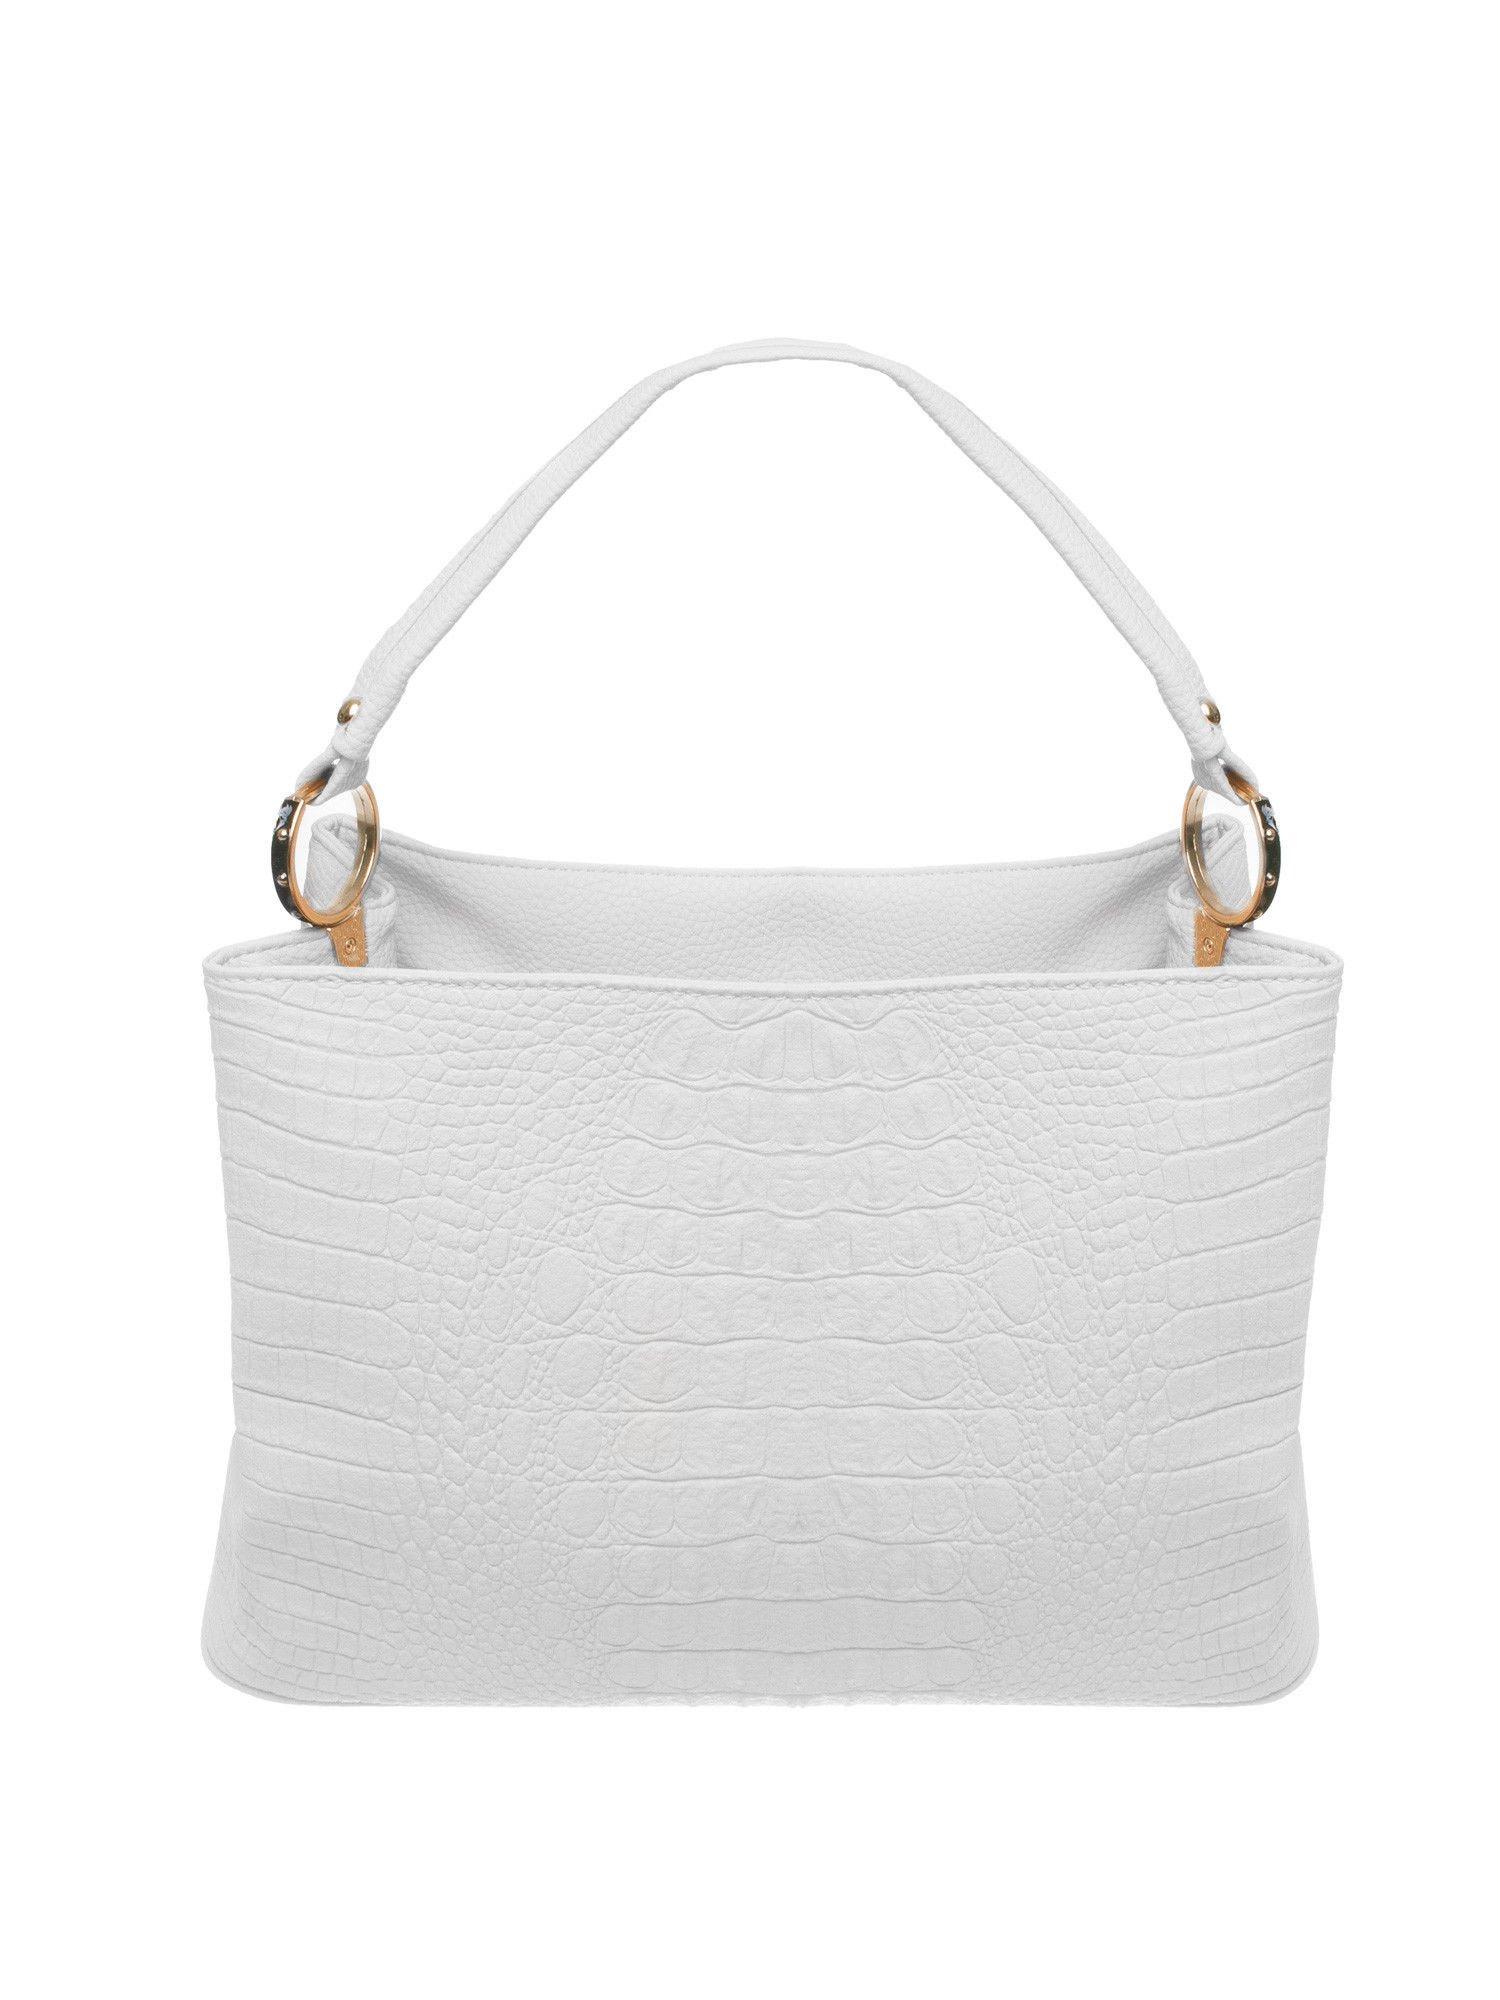 Biała torebka na ramię tłoczona na wzór skóry krokodyla                                  zdj.                                  1